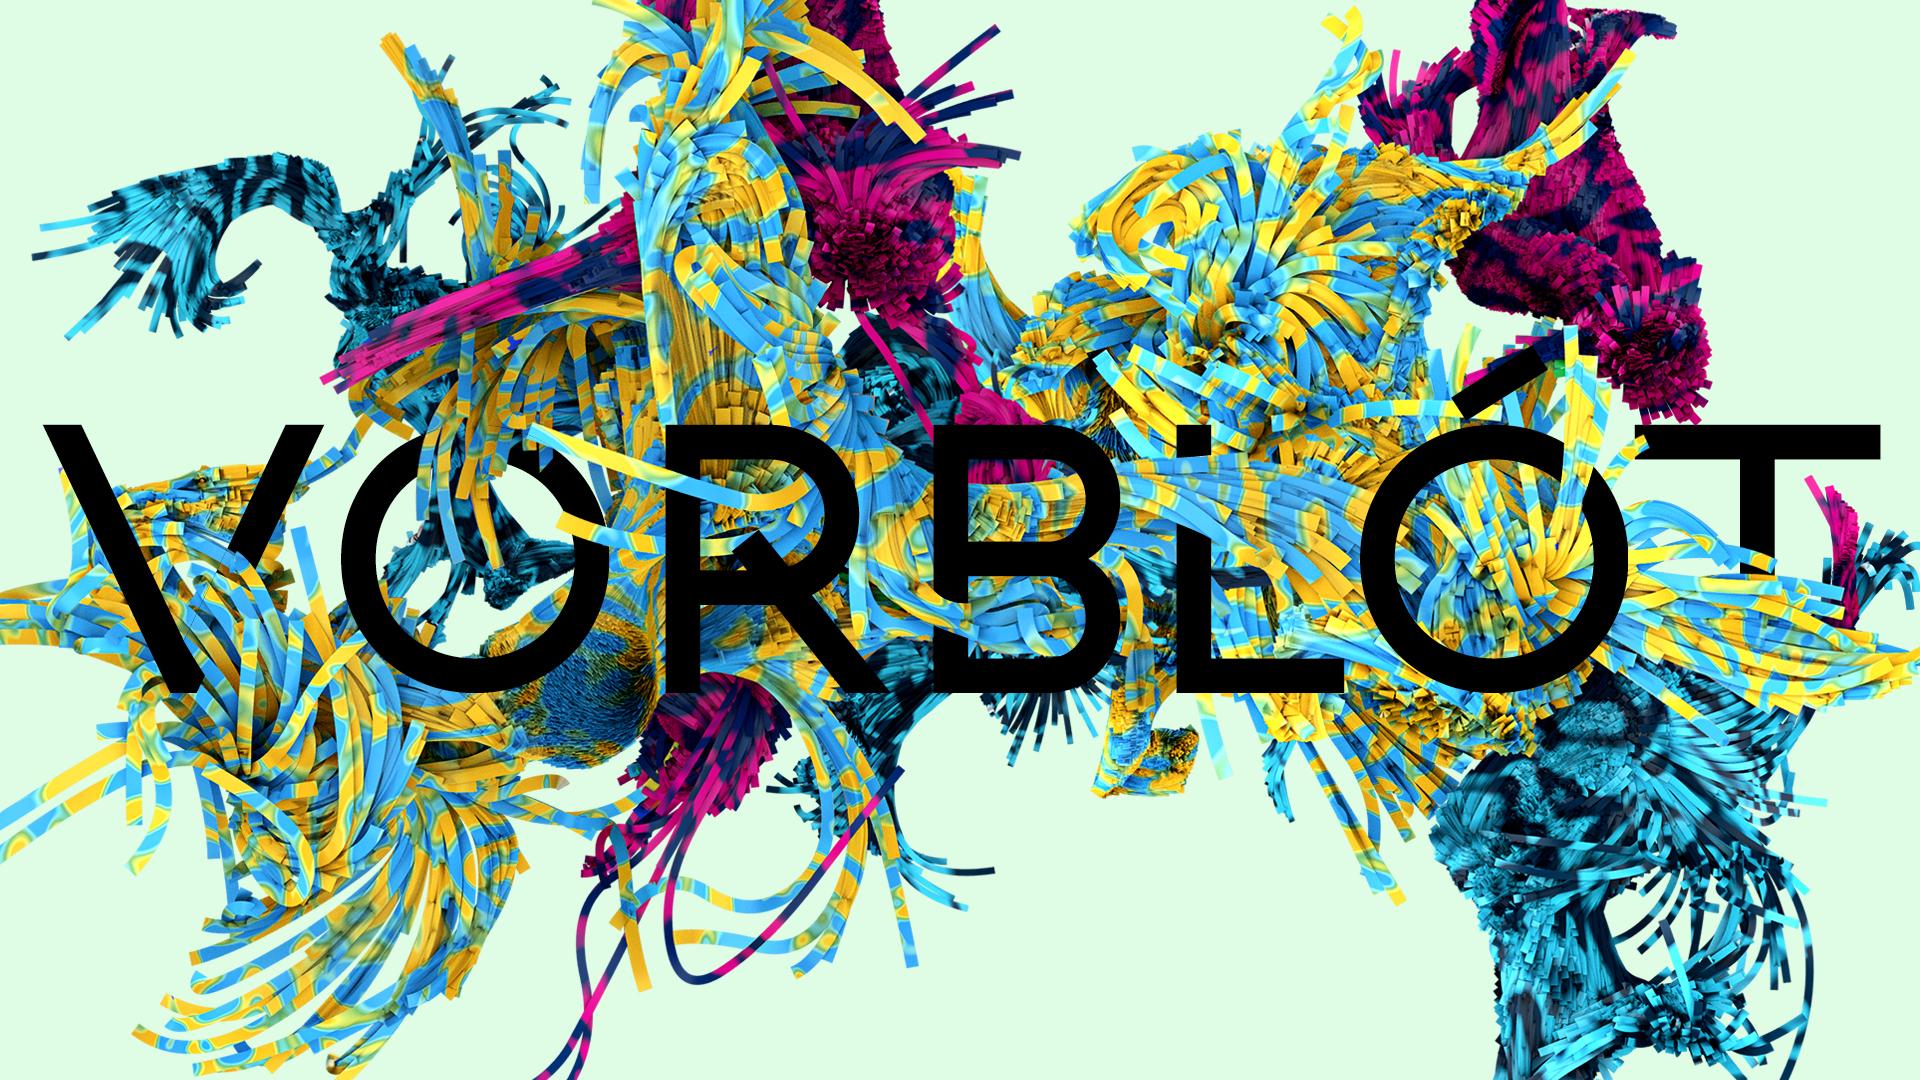 Vorblot_fb.jpg